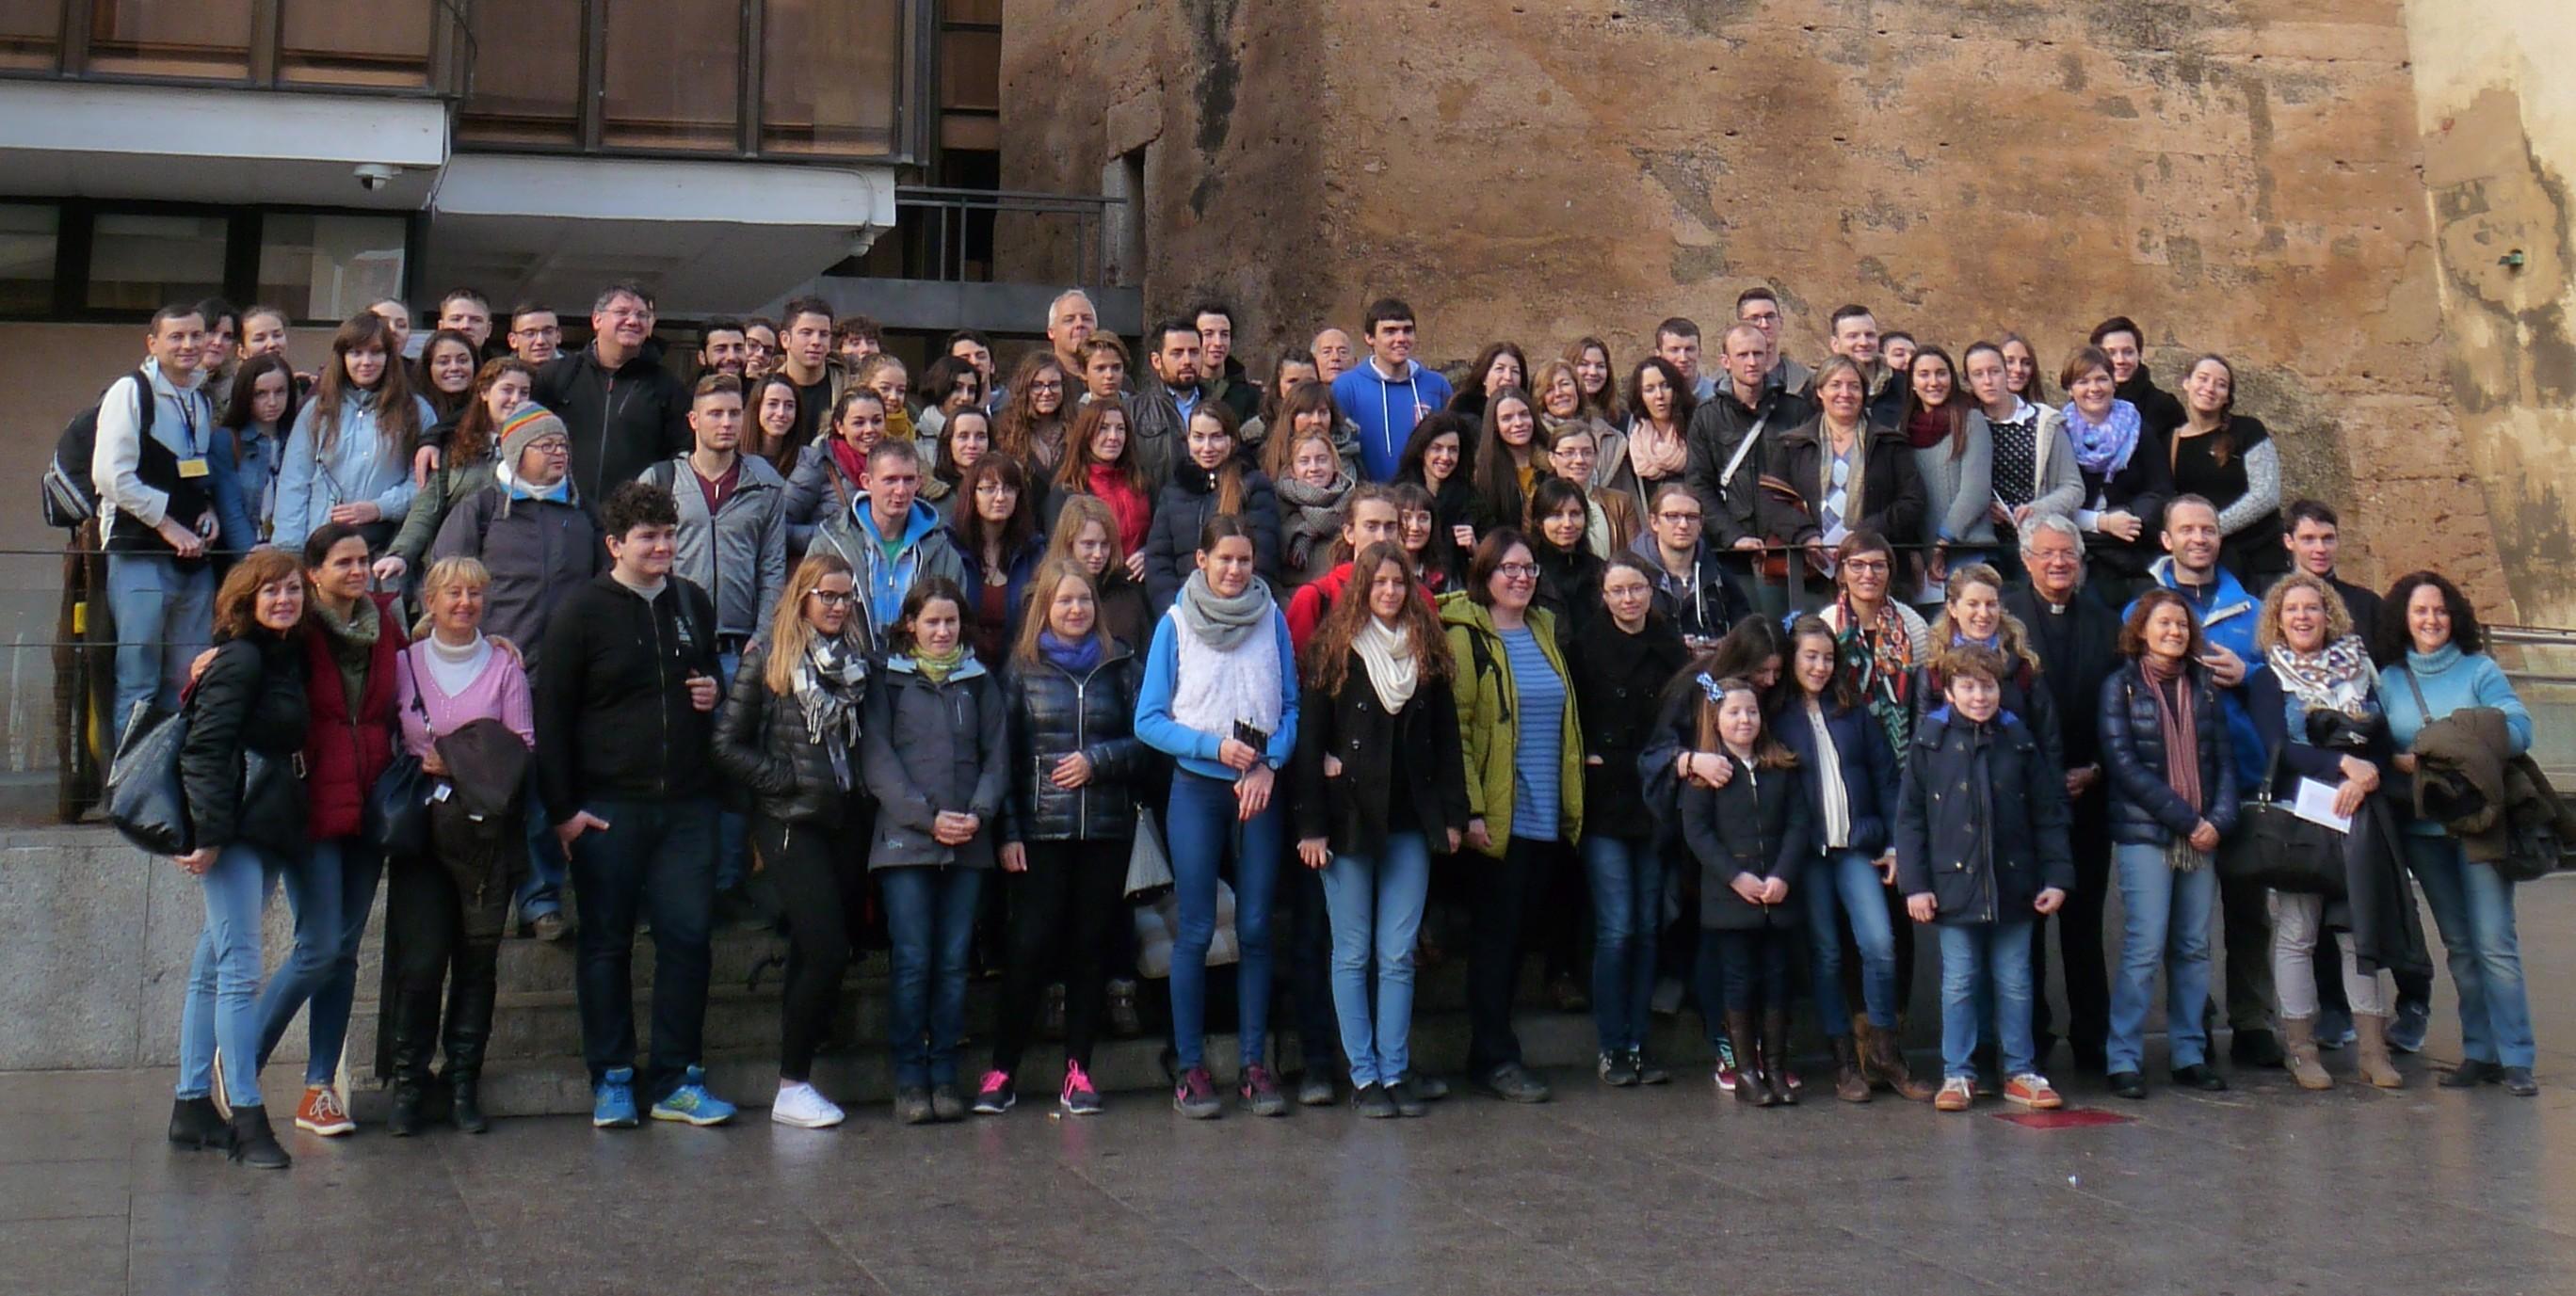 Autoridades locales junto a los jóvenes participantes en la iniciativa religiosa.